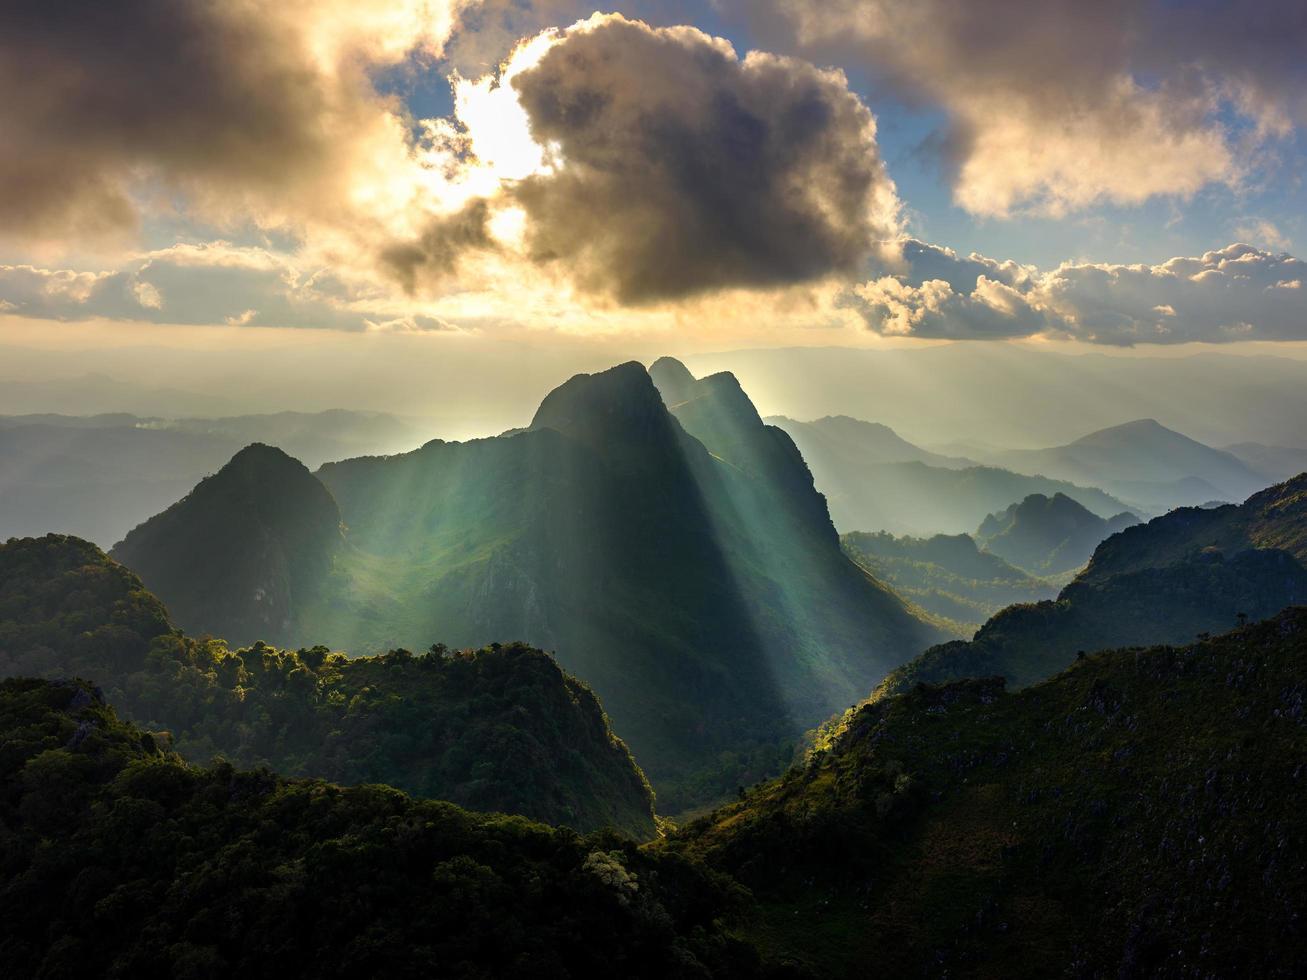 zon schijnt door wolken en bergen foto